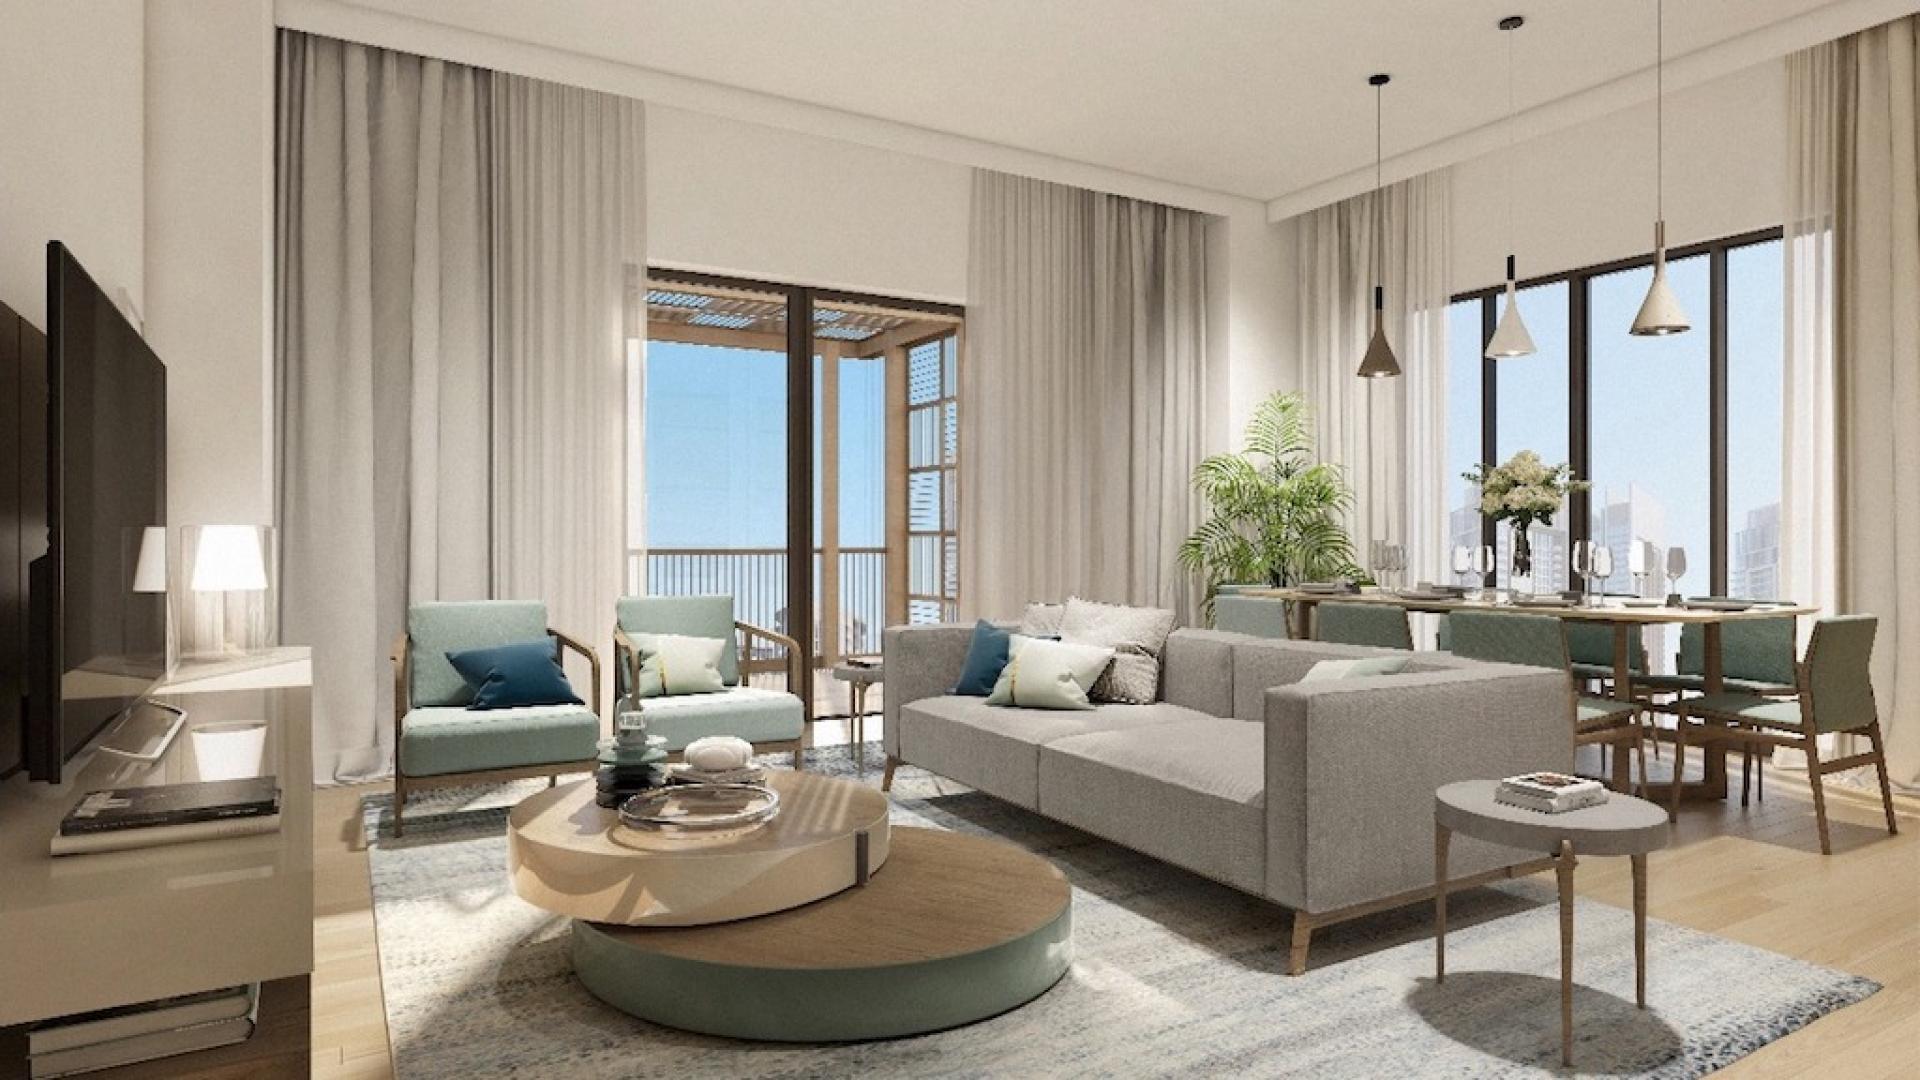 Apartamento en venta en Dubai, EAU, 3 dormitorios, 173 m2, № 24588 – foto 1